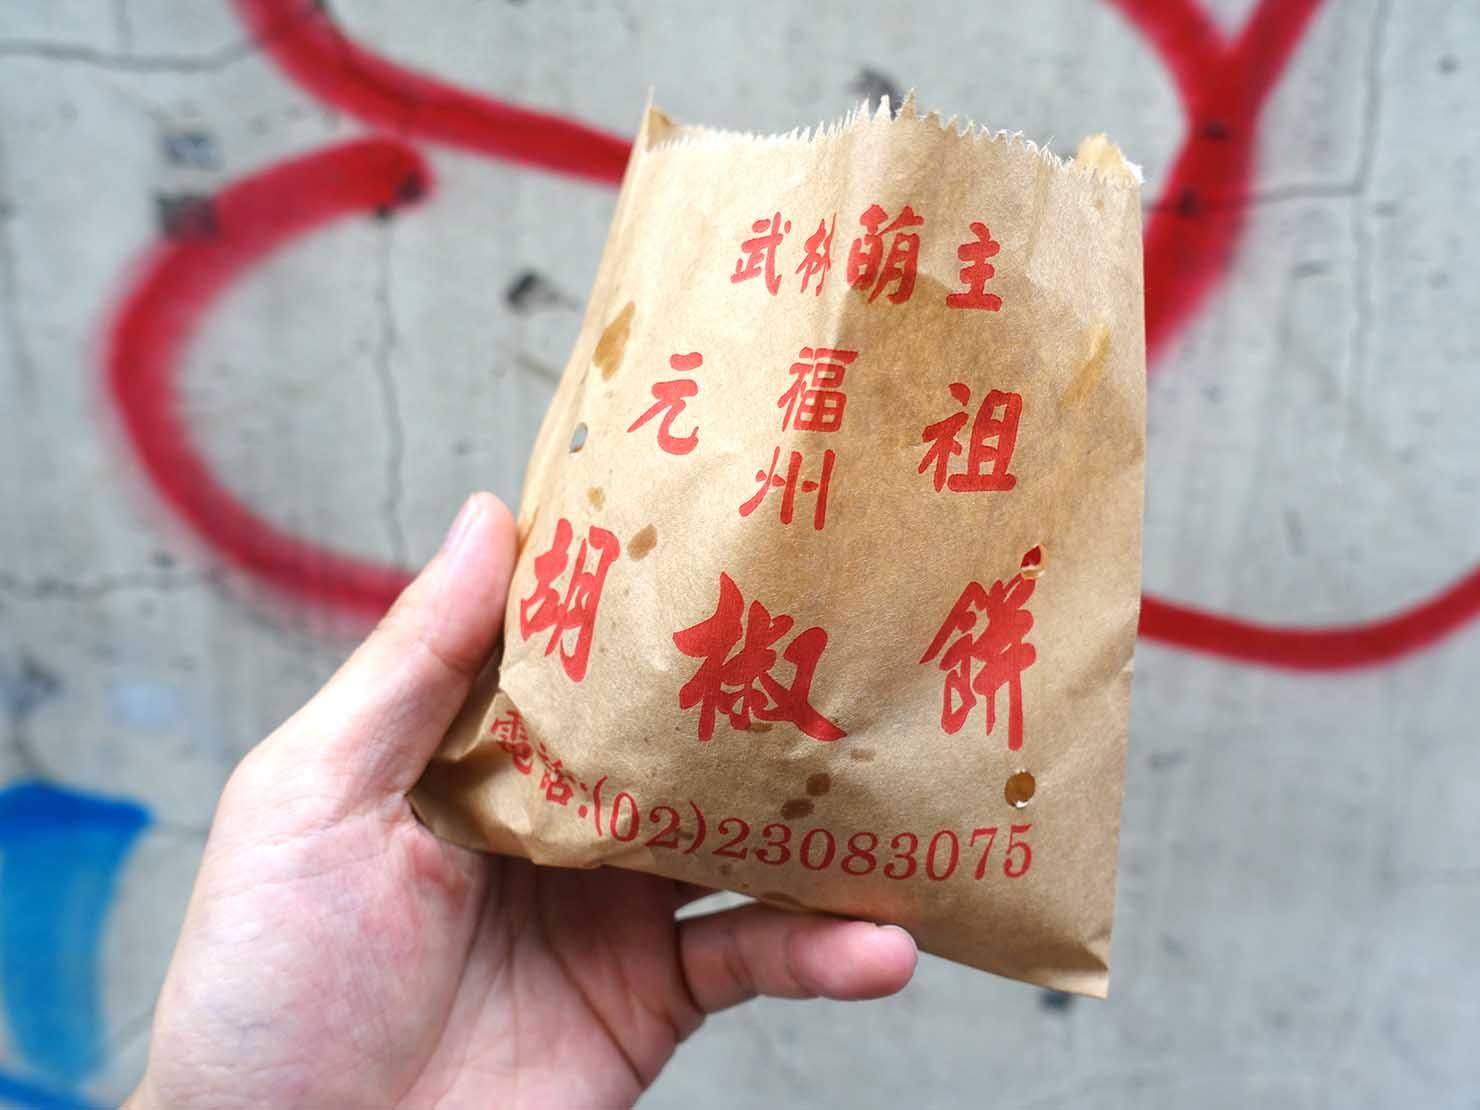 台北・龍山寺エリアのおすすめグルメ店「武林萌主福州元祖胡椒餅」の袋